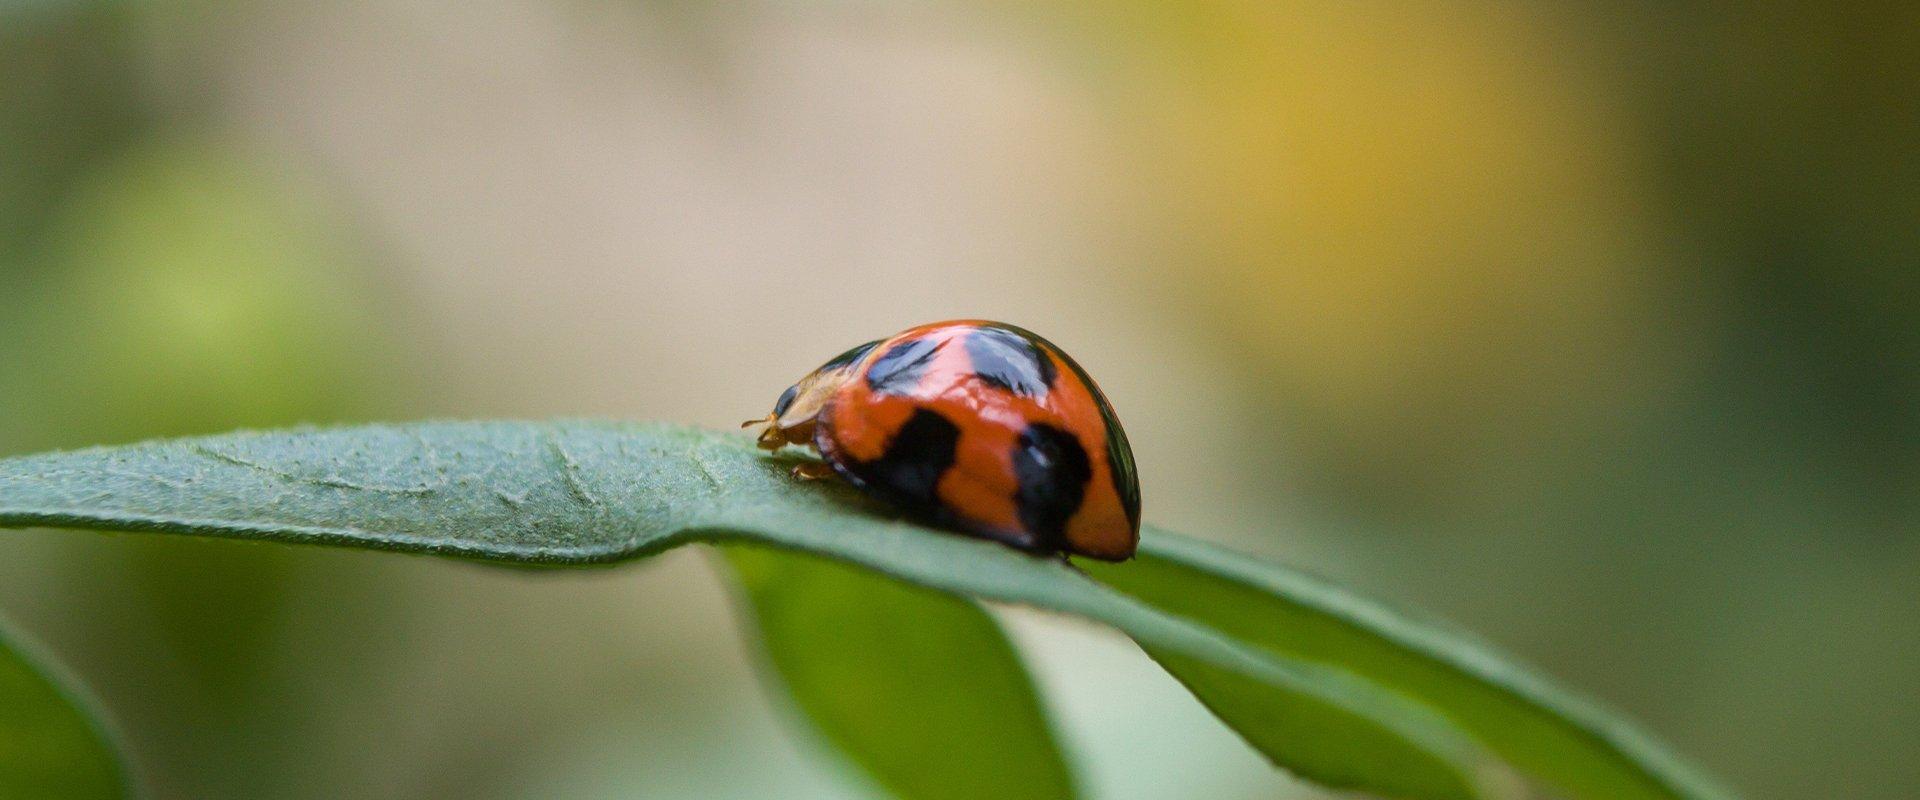 lady beetle on plant